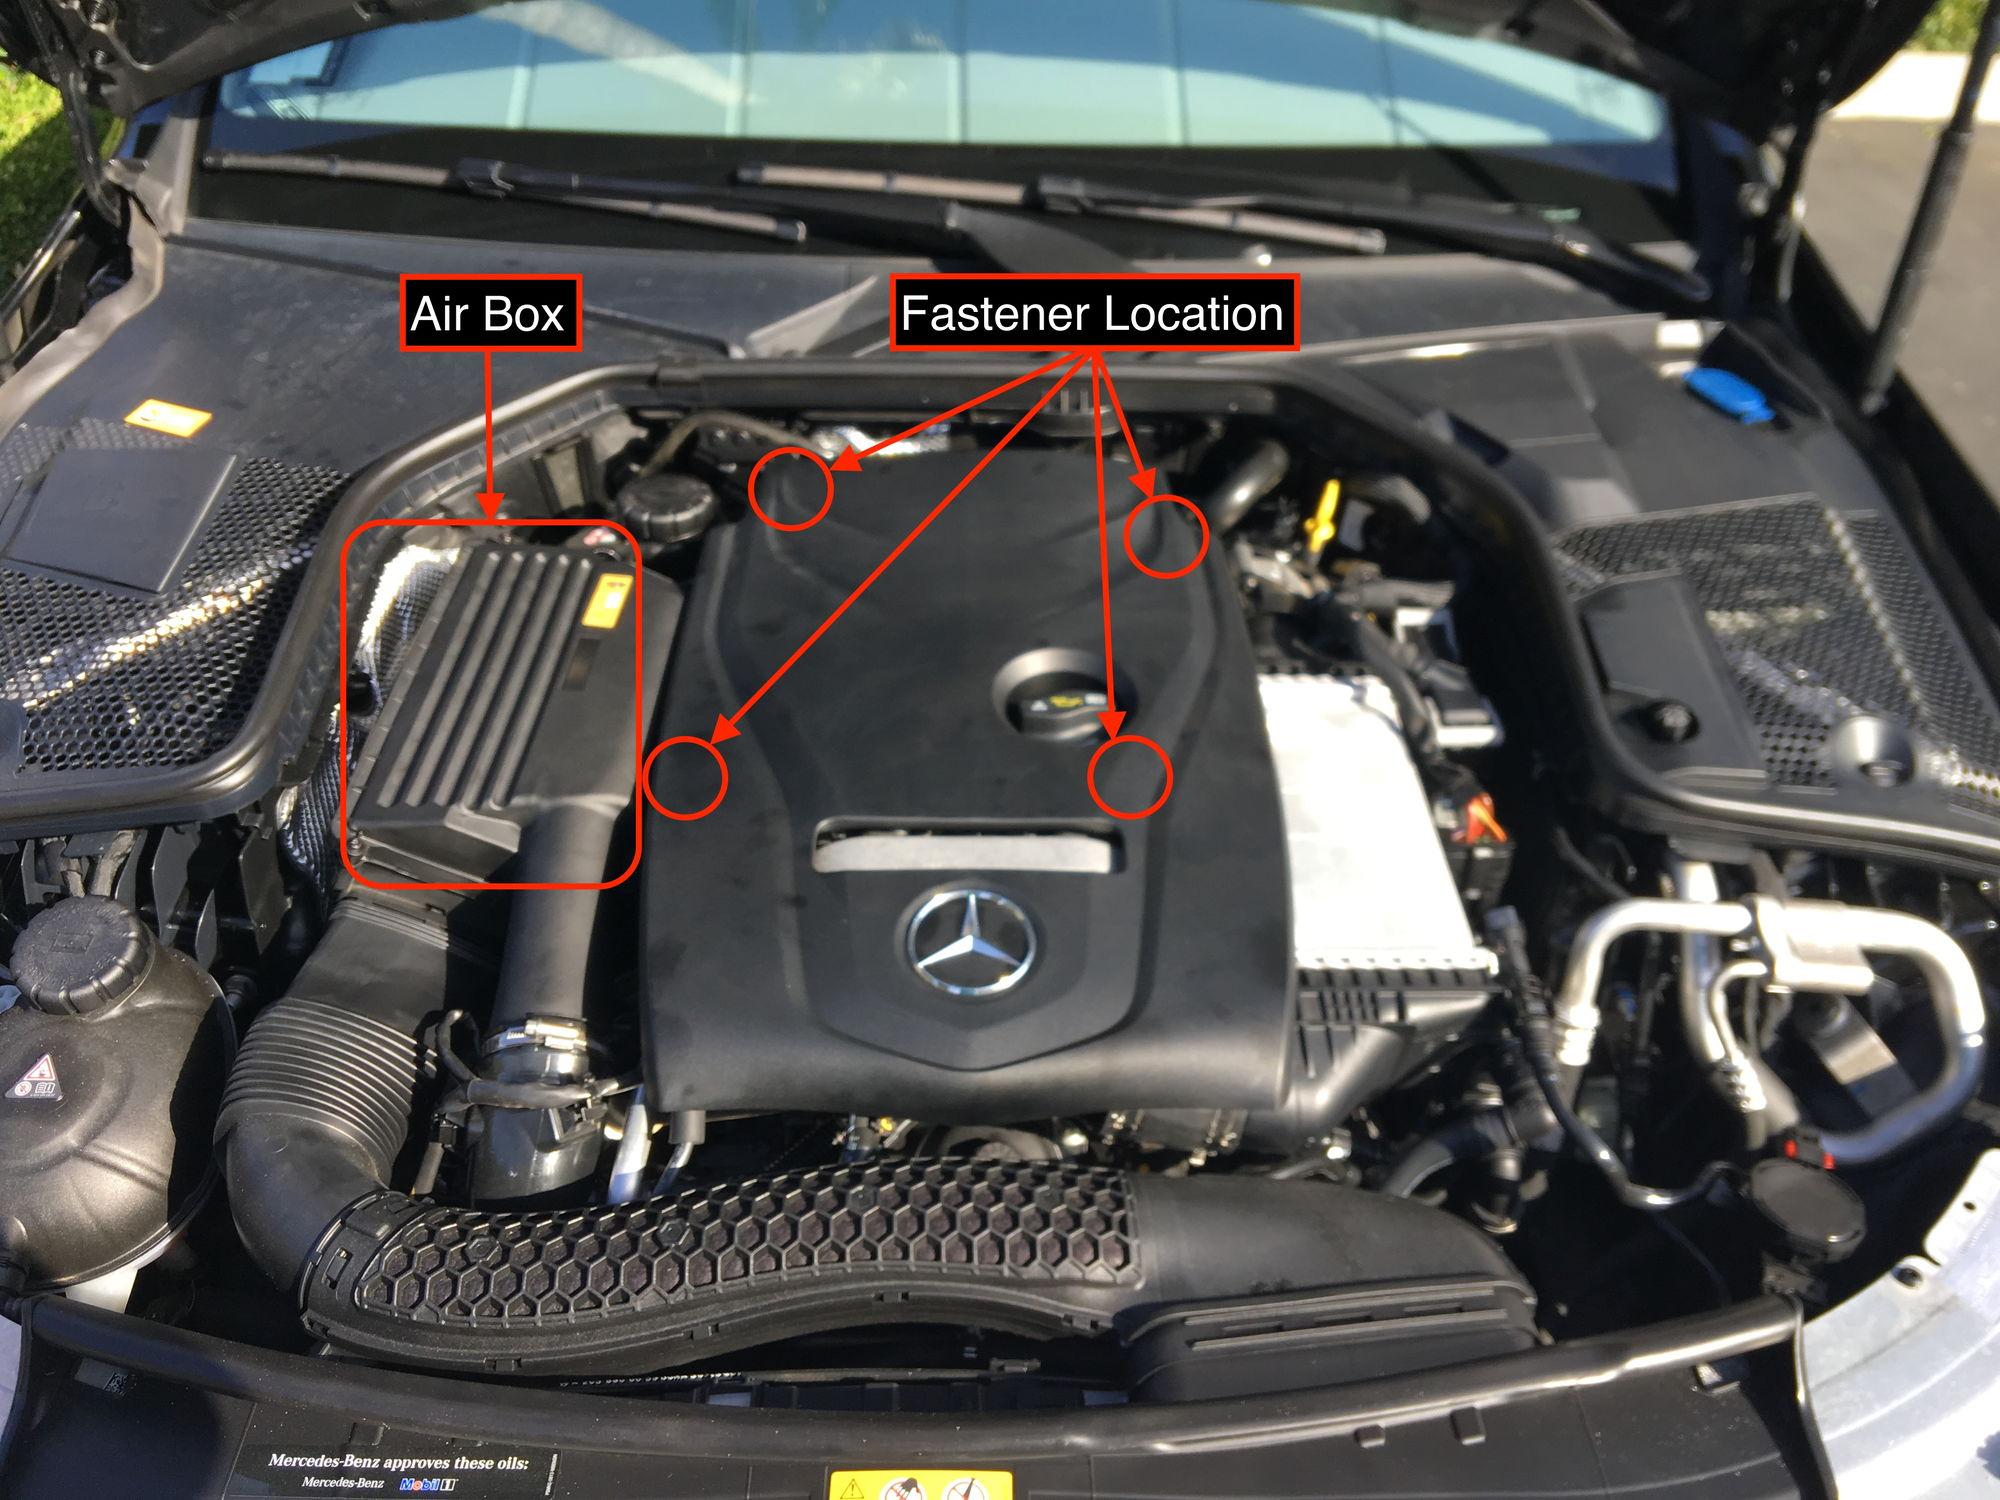 hight resolution of 2014 ml350 bluetec mercedes fuse box chart mercedes auto 2000 mercedes s430 fuse diagram mercedes